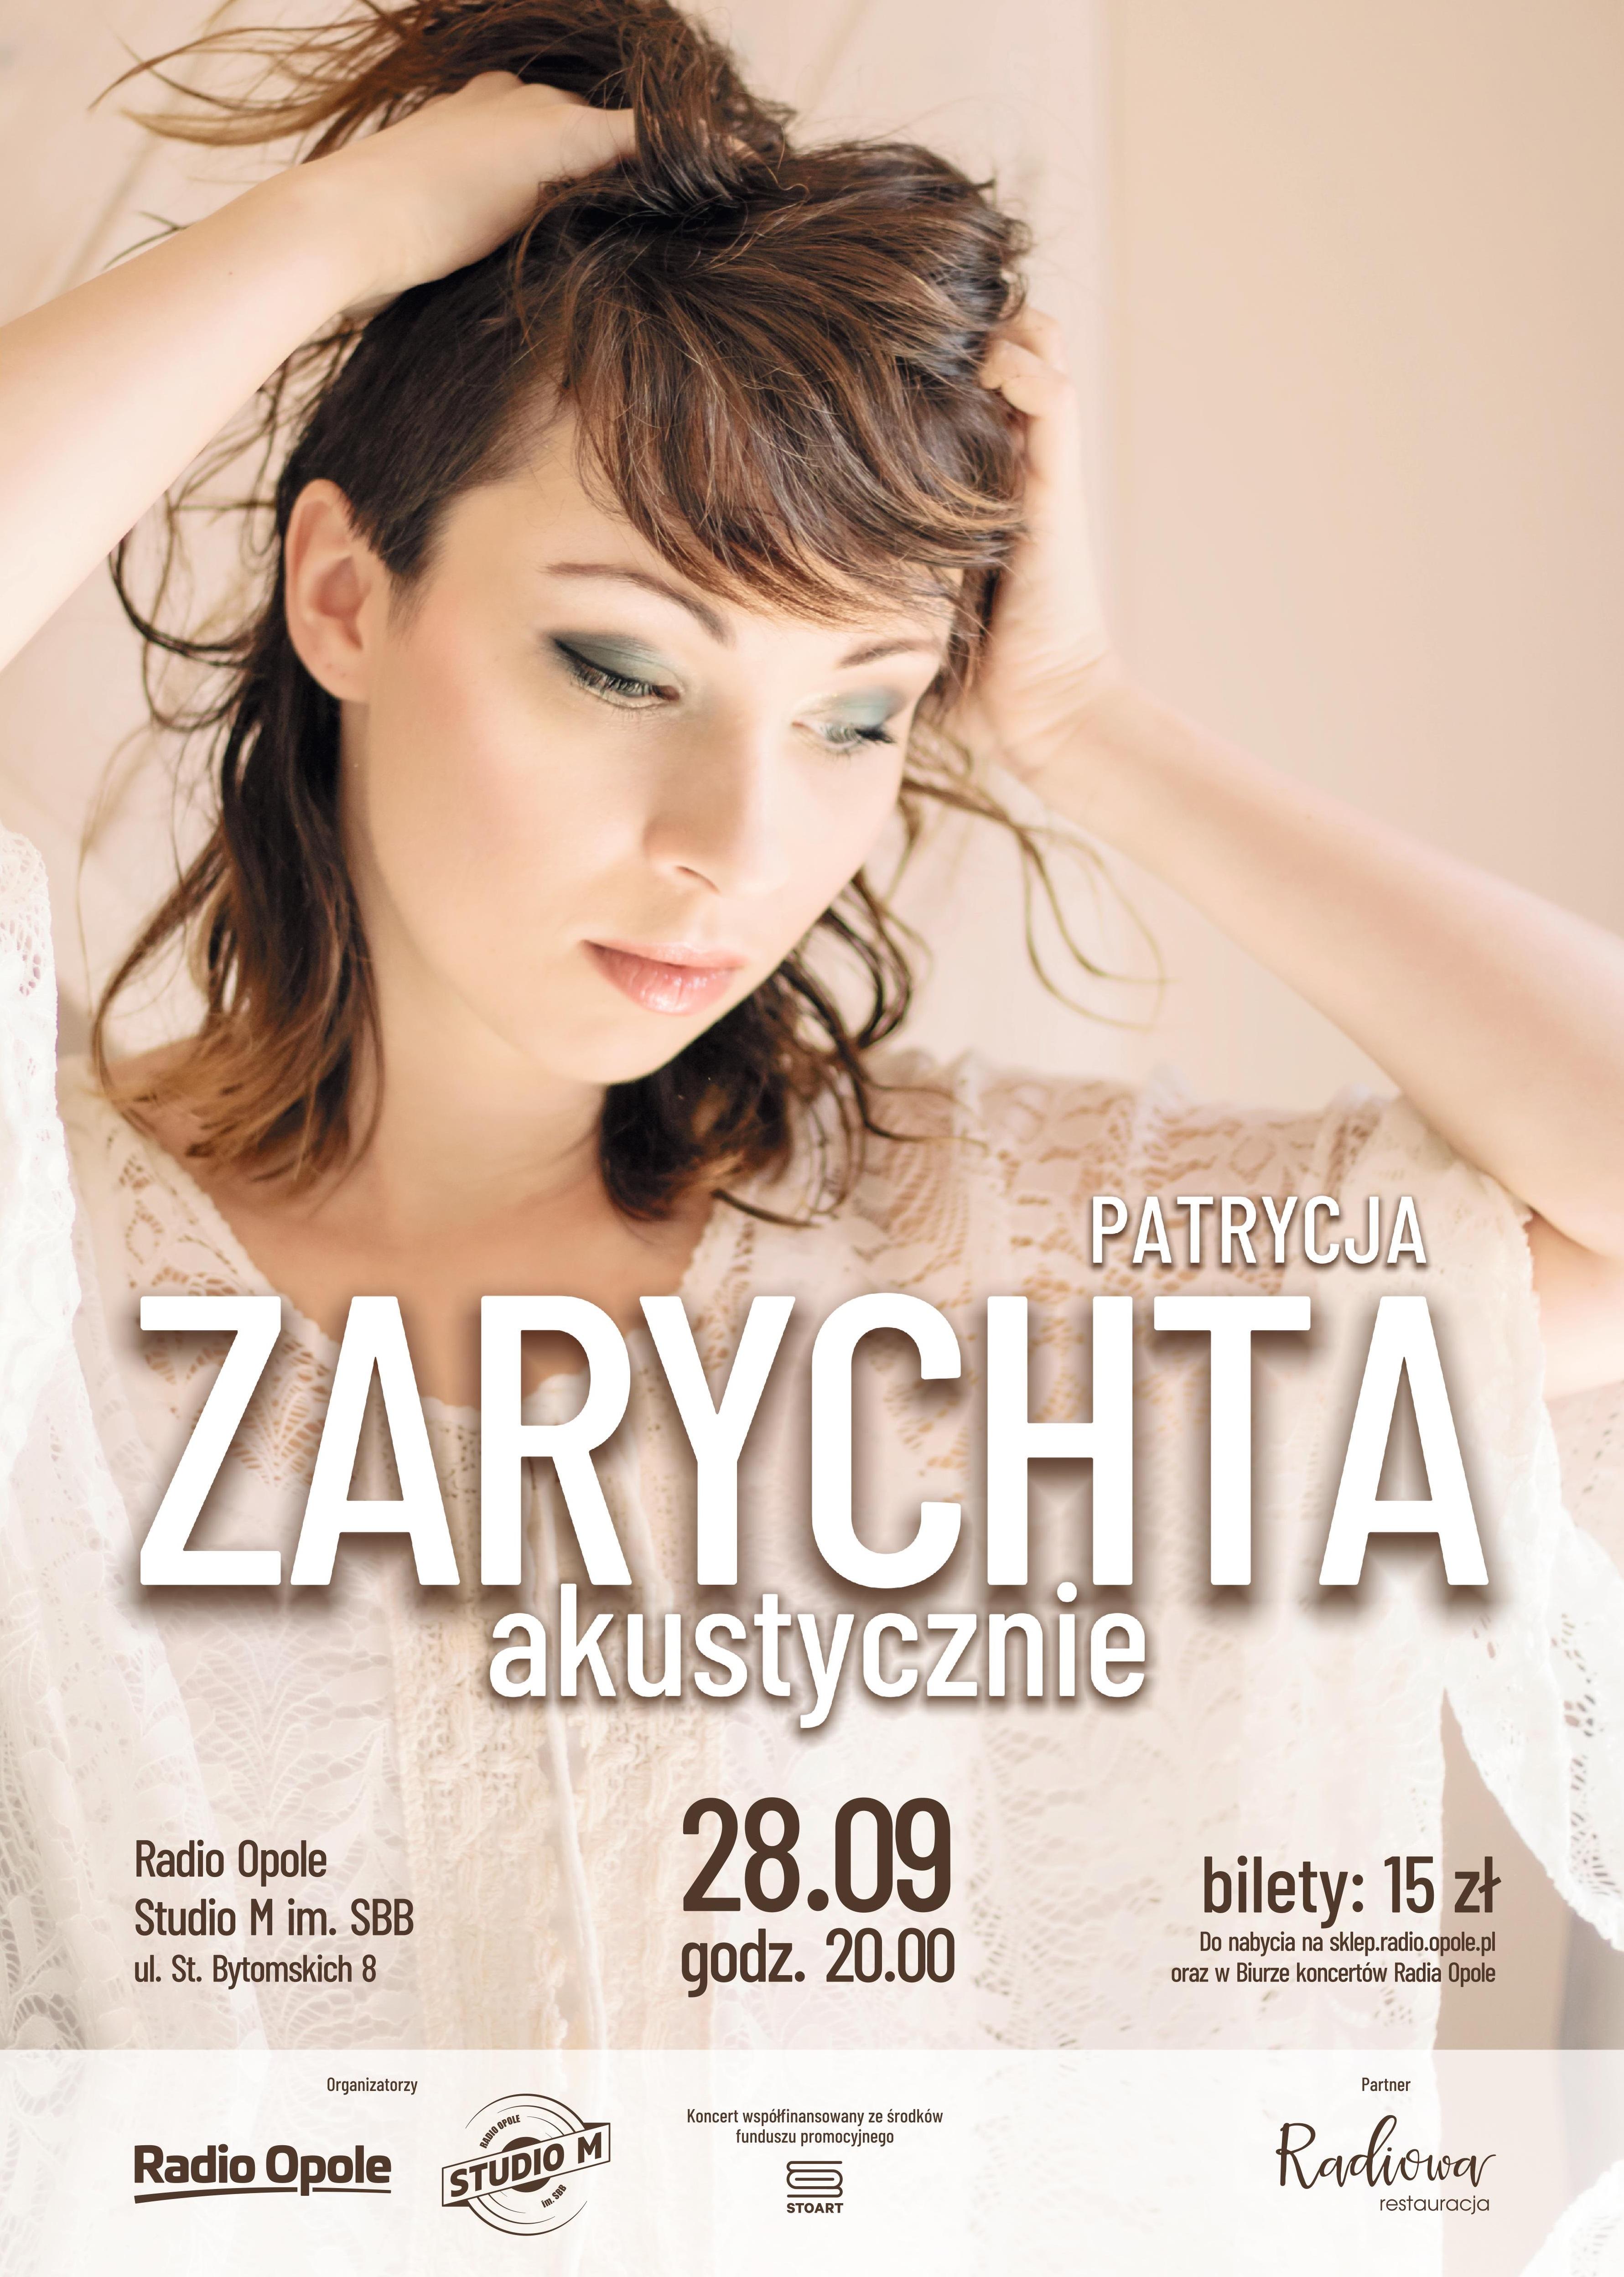 Koncert Partycji Zarychty. Zarezerwuj bilet i spędź miło sobotni wieczór w Studiu M im. SBB!